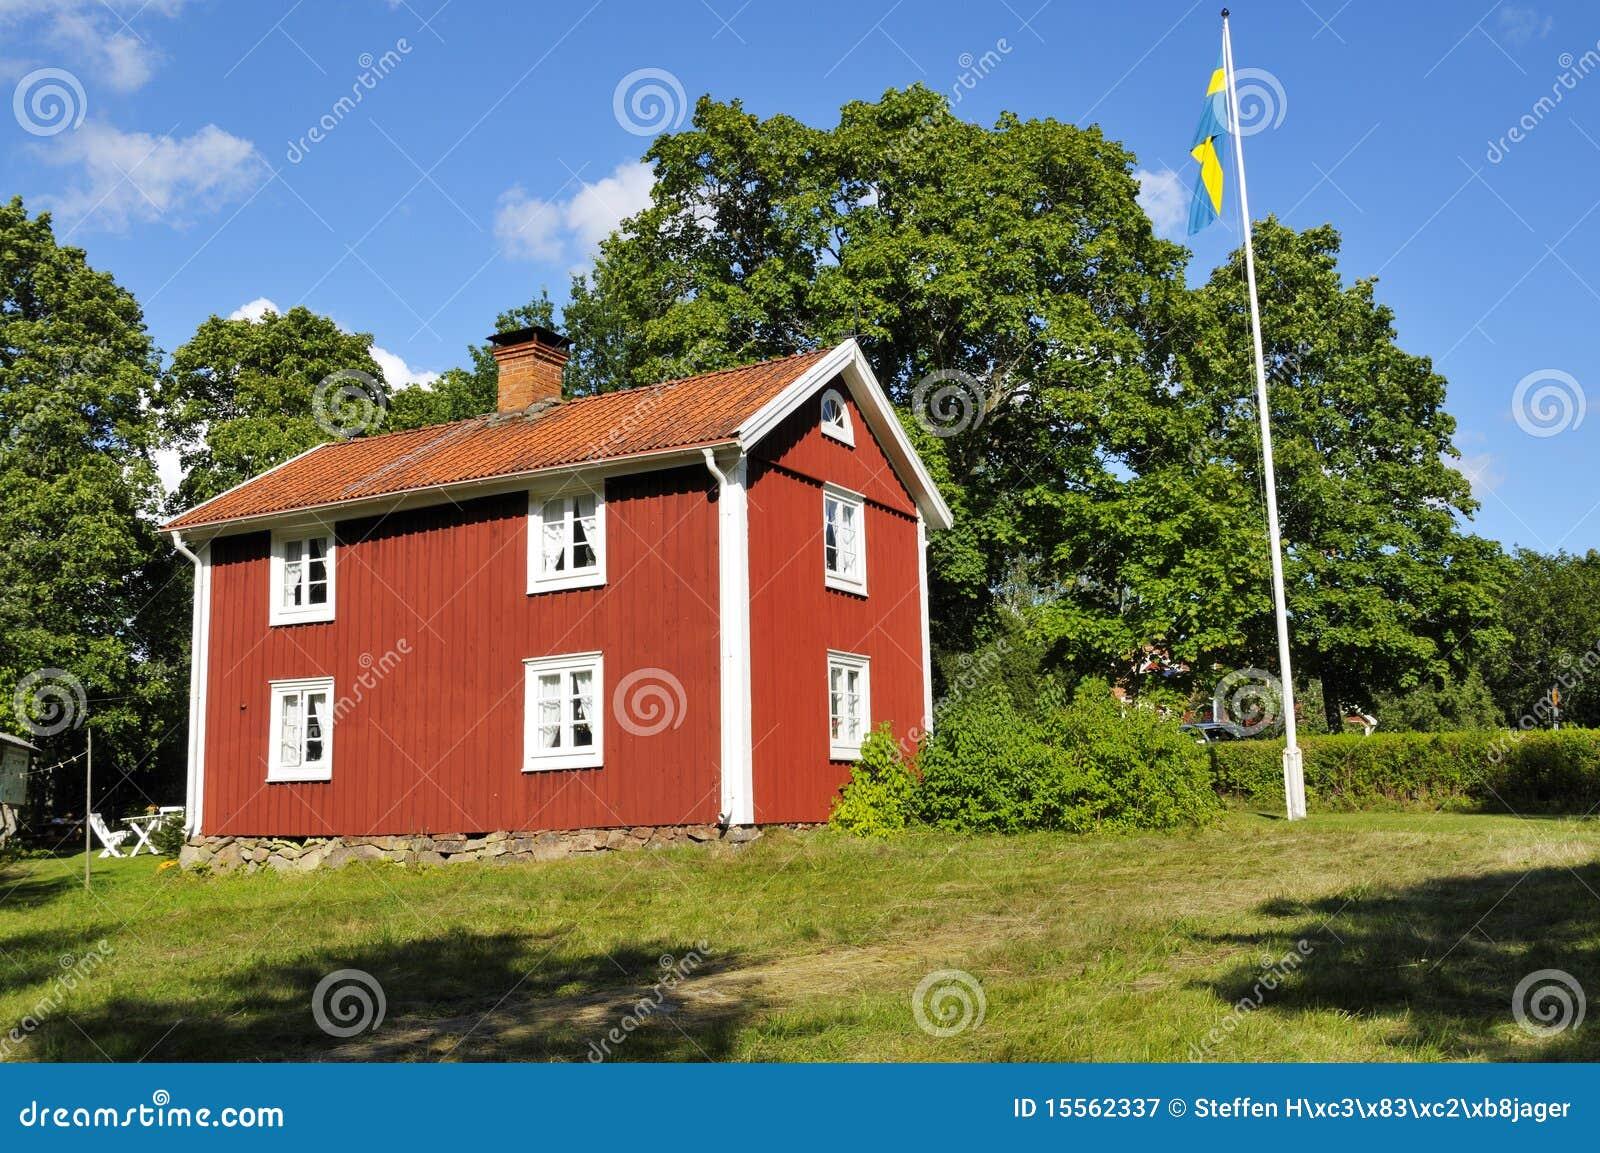 Oud zweeds huis royalty vrije stock fotografie afbeelding 15562337 - Oud huis ...